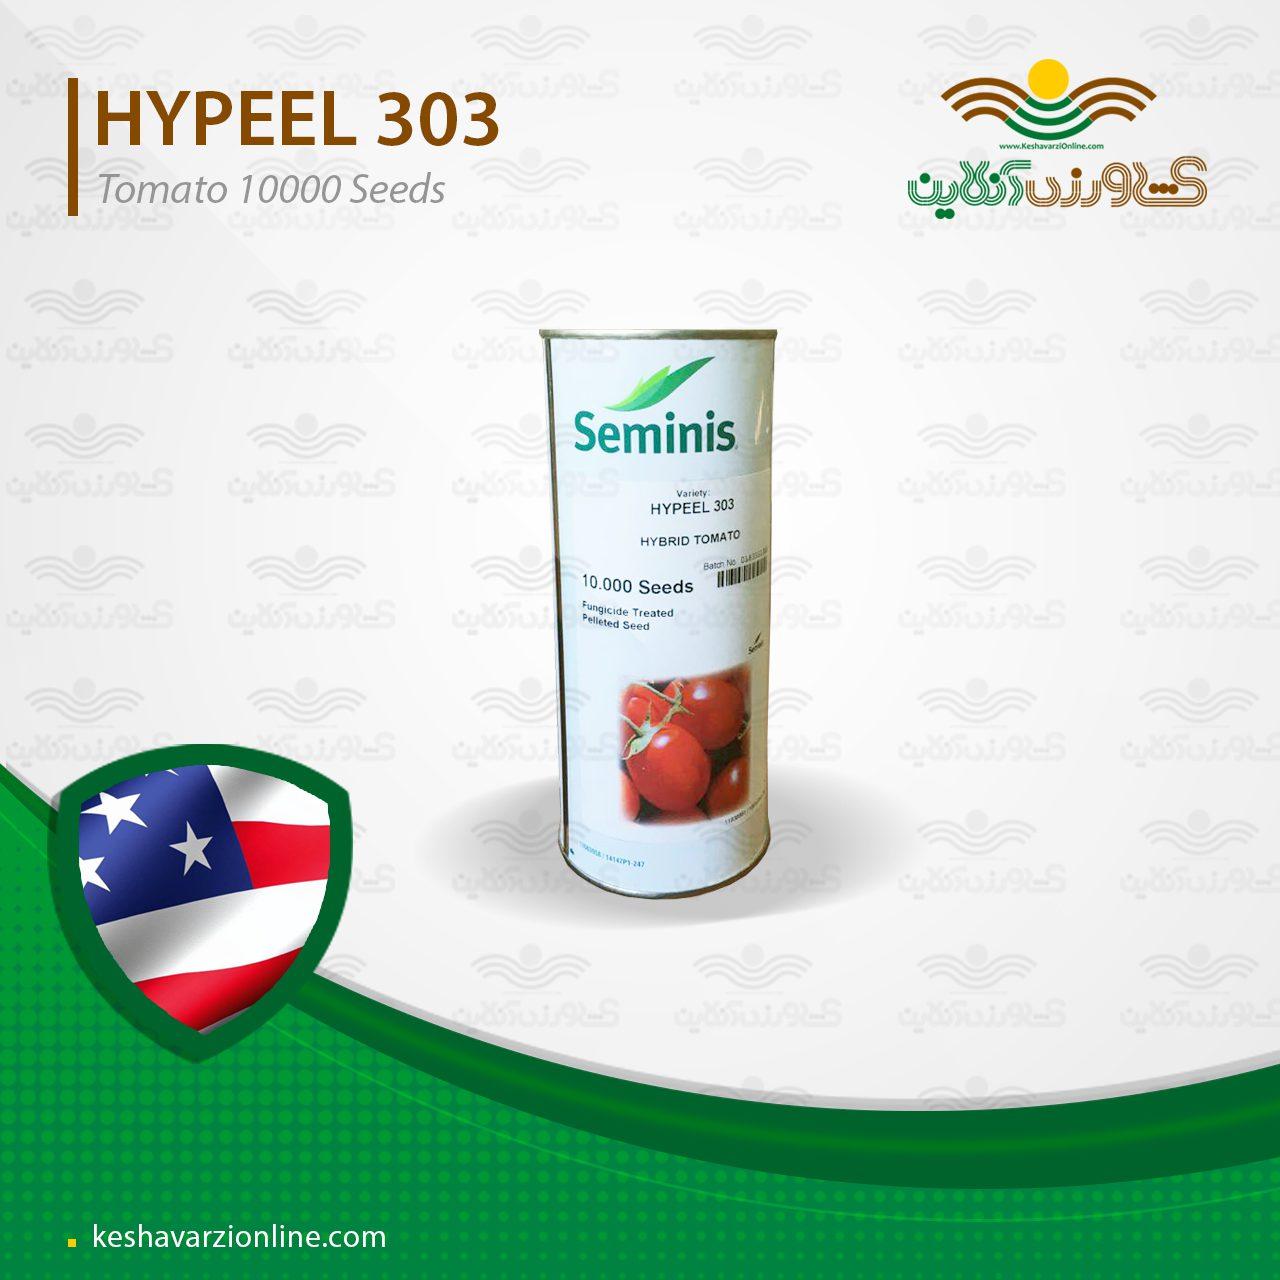 بذر گوجه فرنگی های پیل 303 سمینس 10 هزار عددی